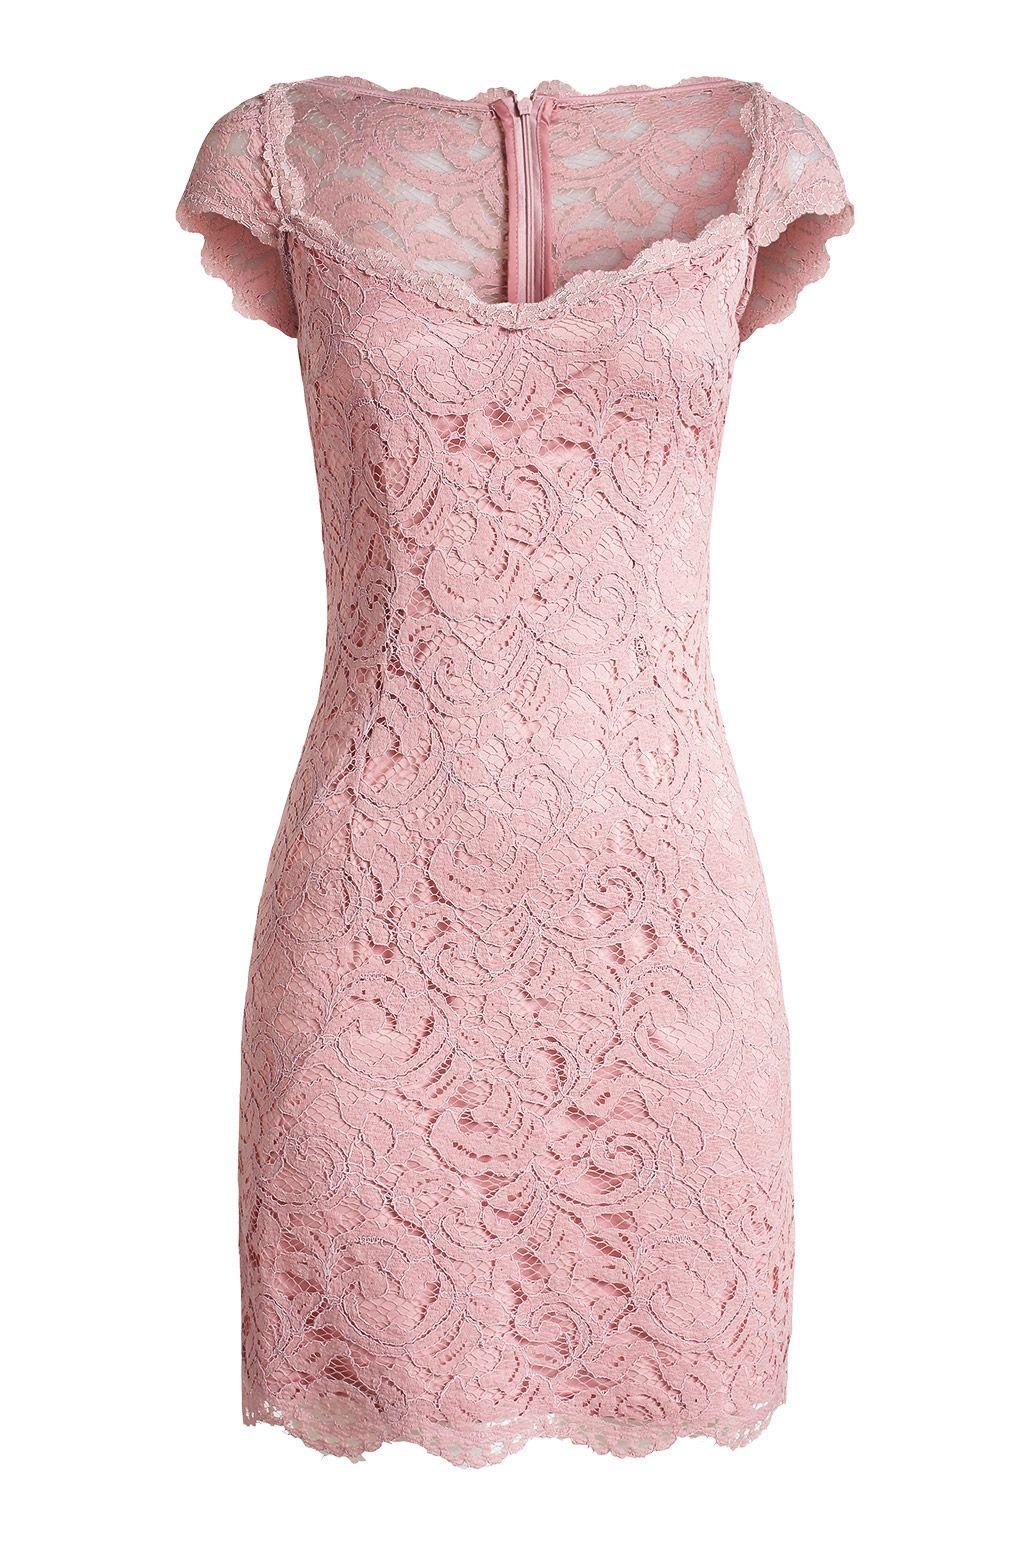 Esprit / Vestido elegante de encaje | Vestidos | Pinterest | Vestido ...